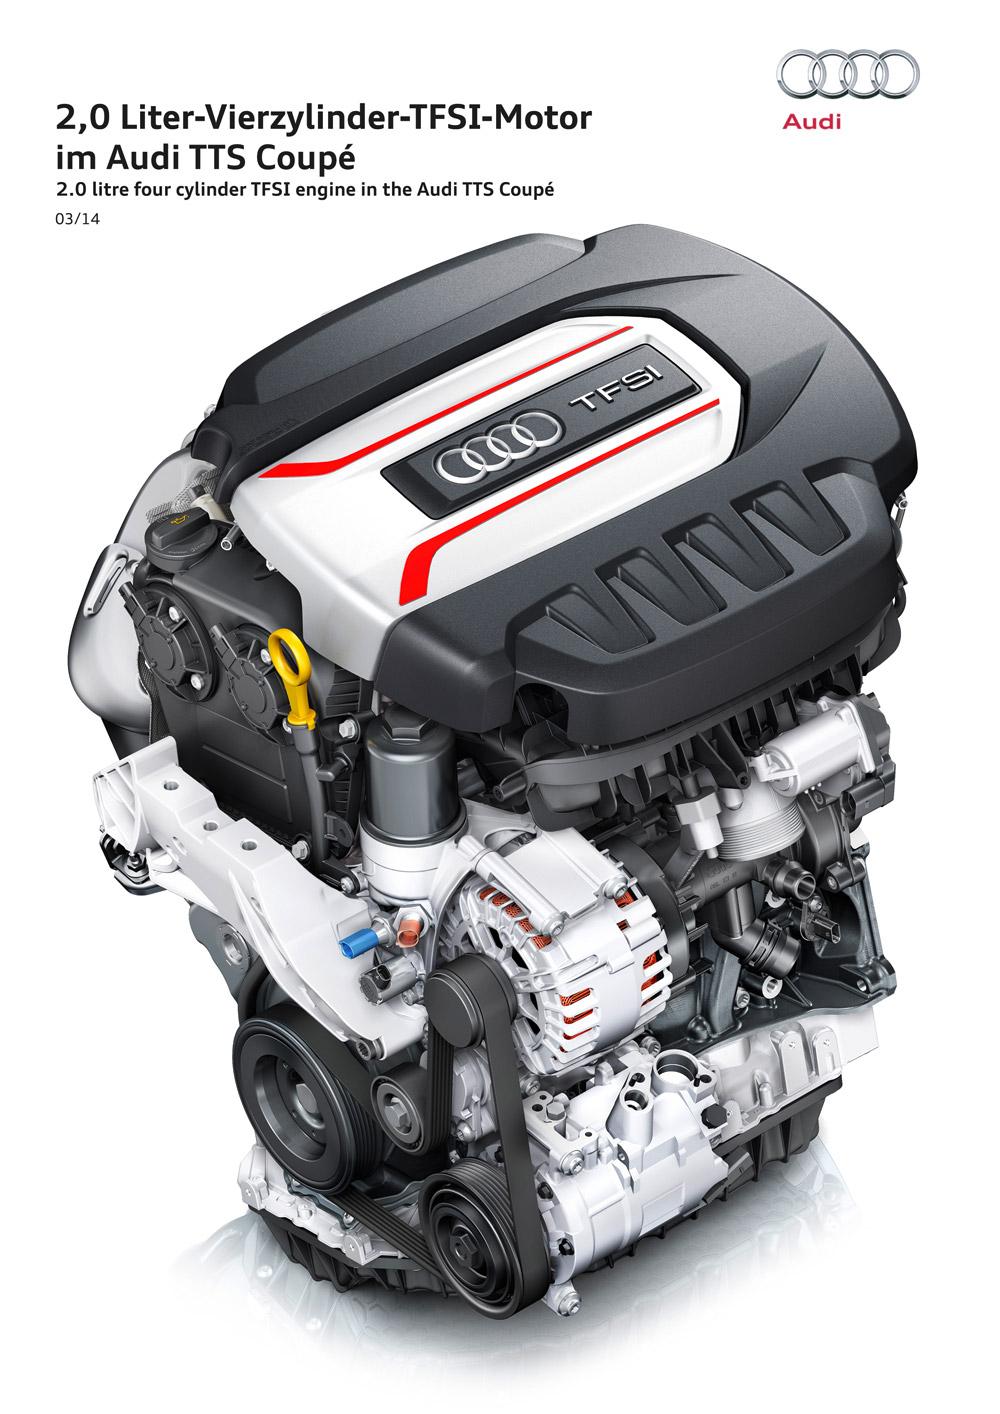 Moteur TFSI - Audi TTS